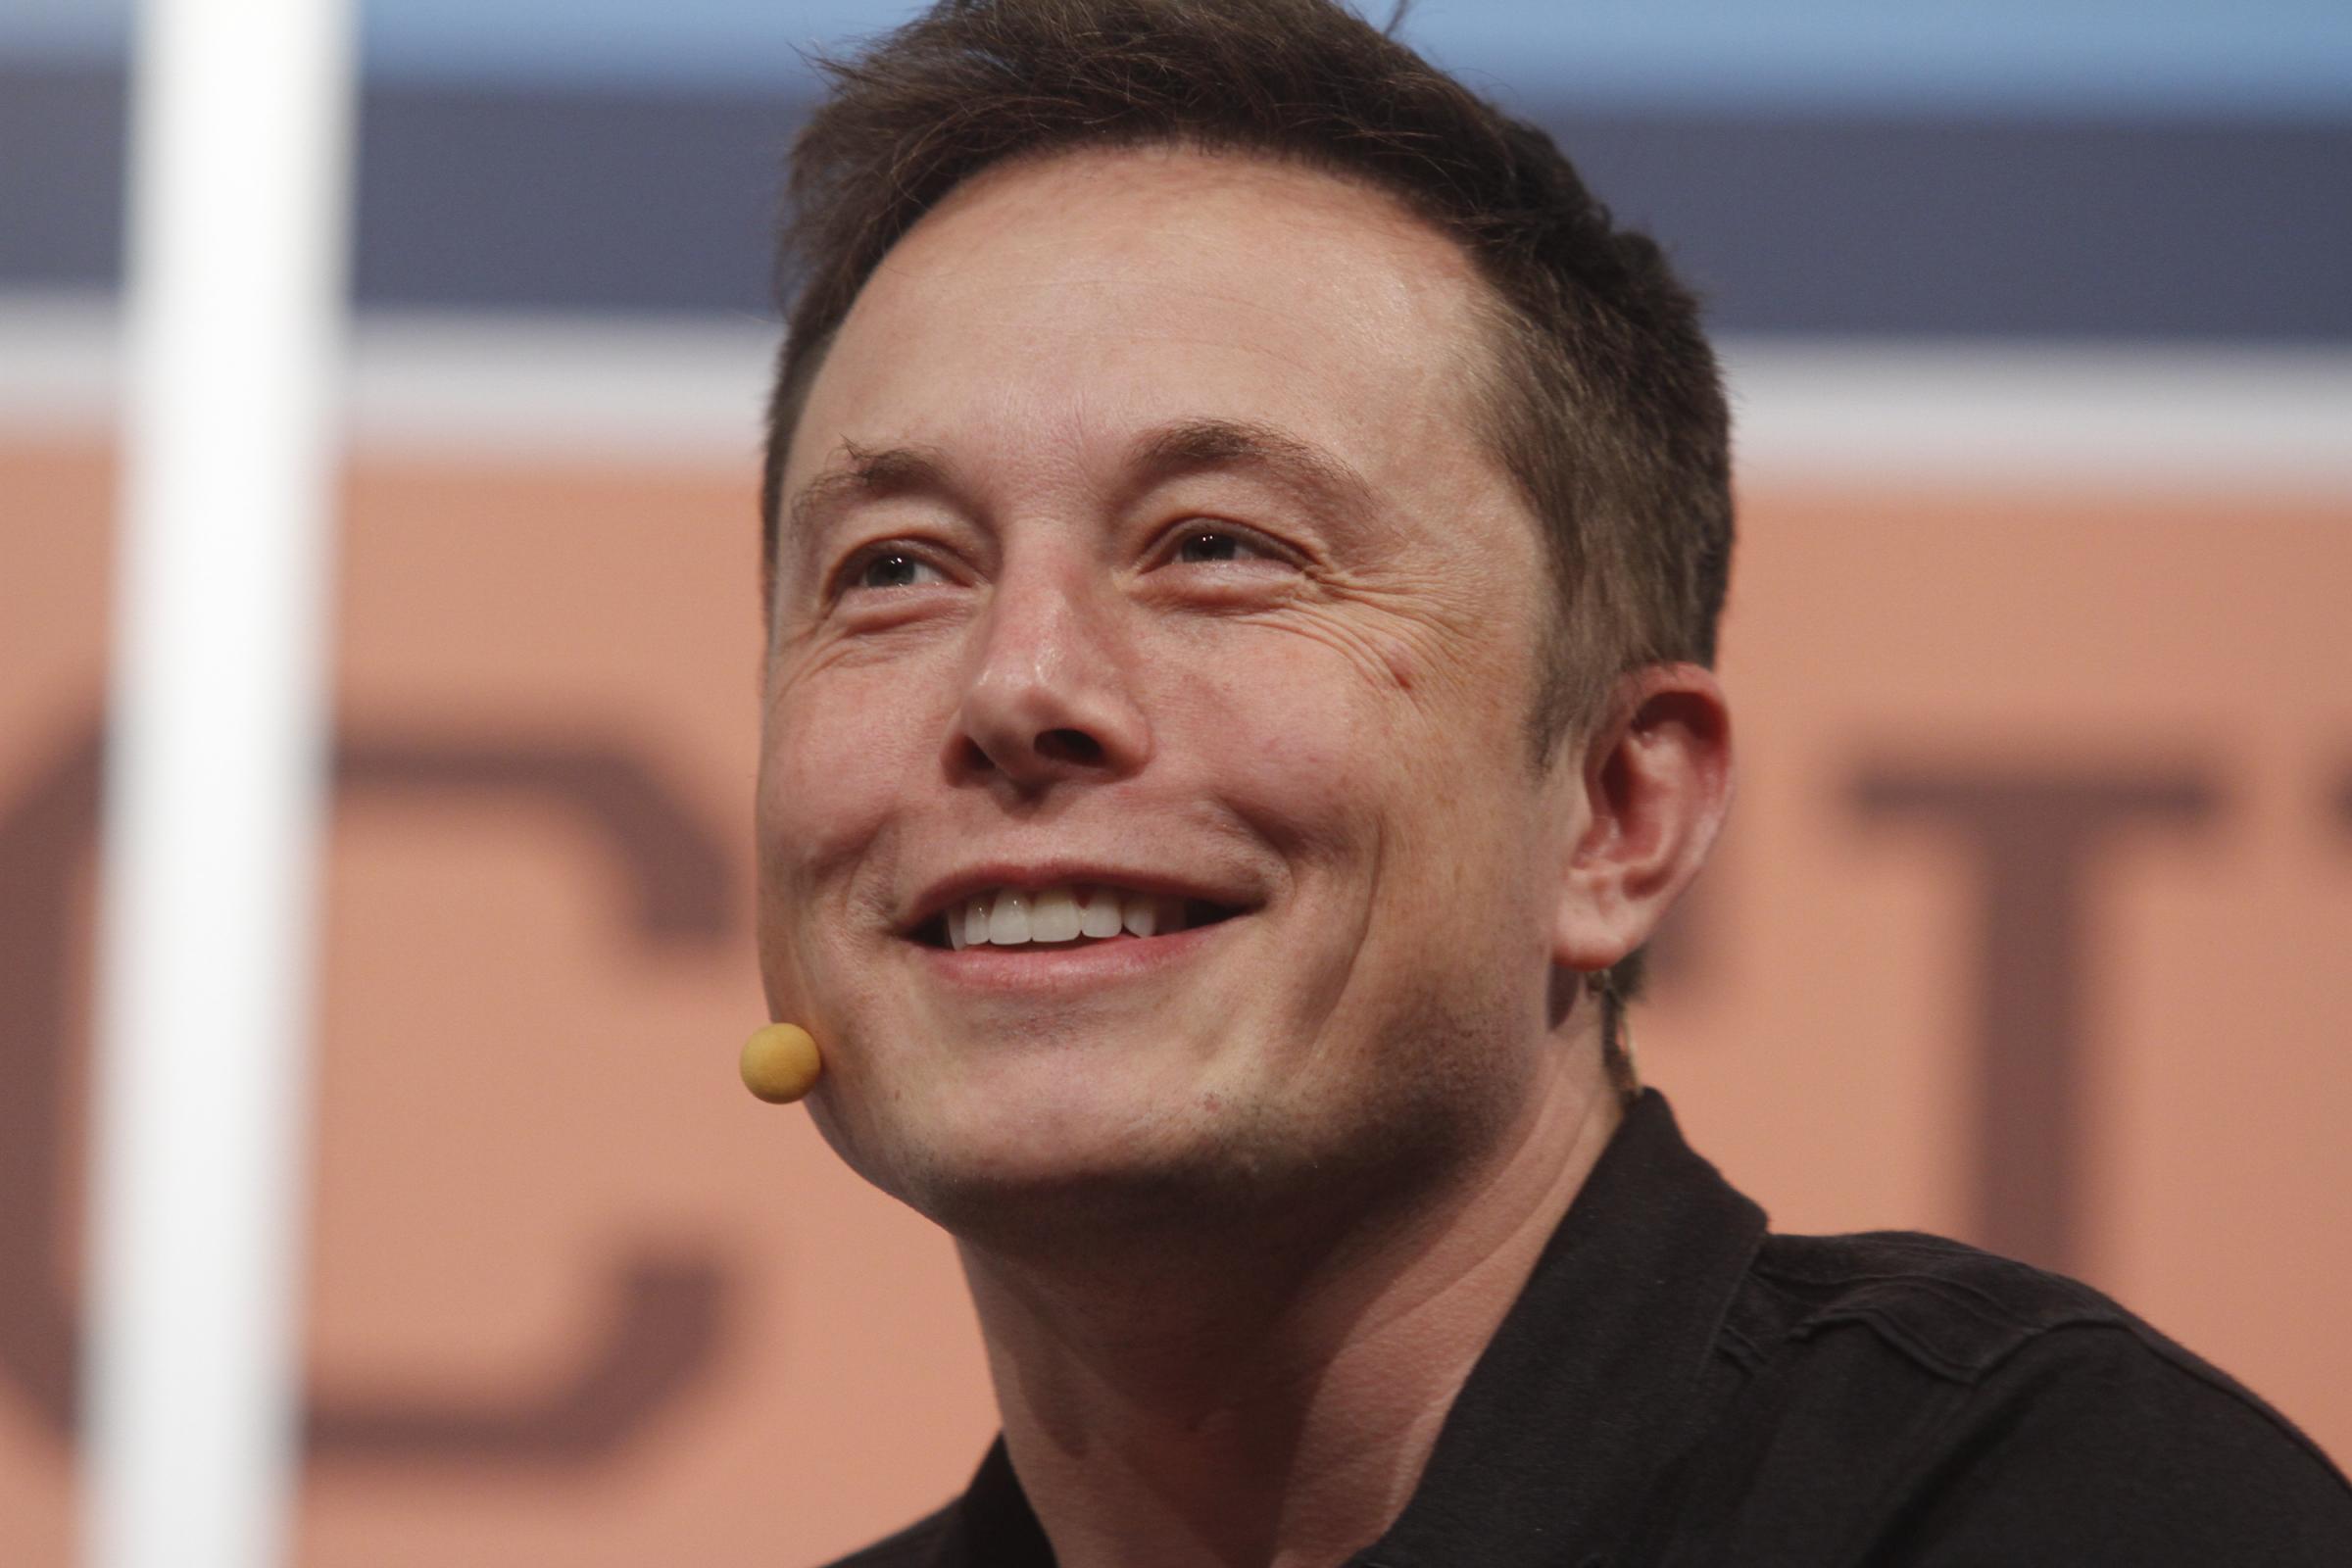 Il super-treno di Elon Musk farà 600 km in mezz'ora